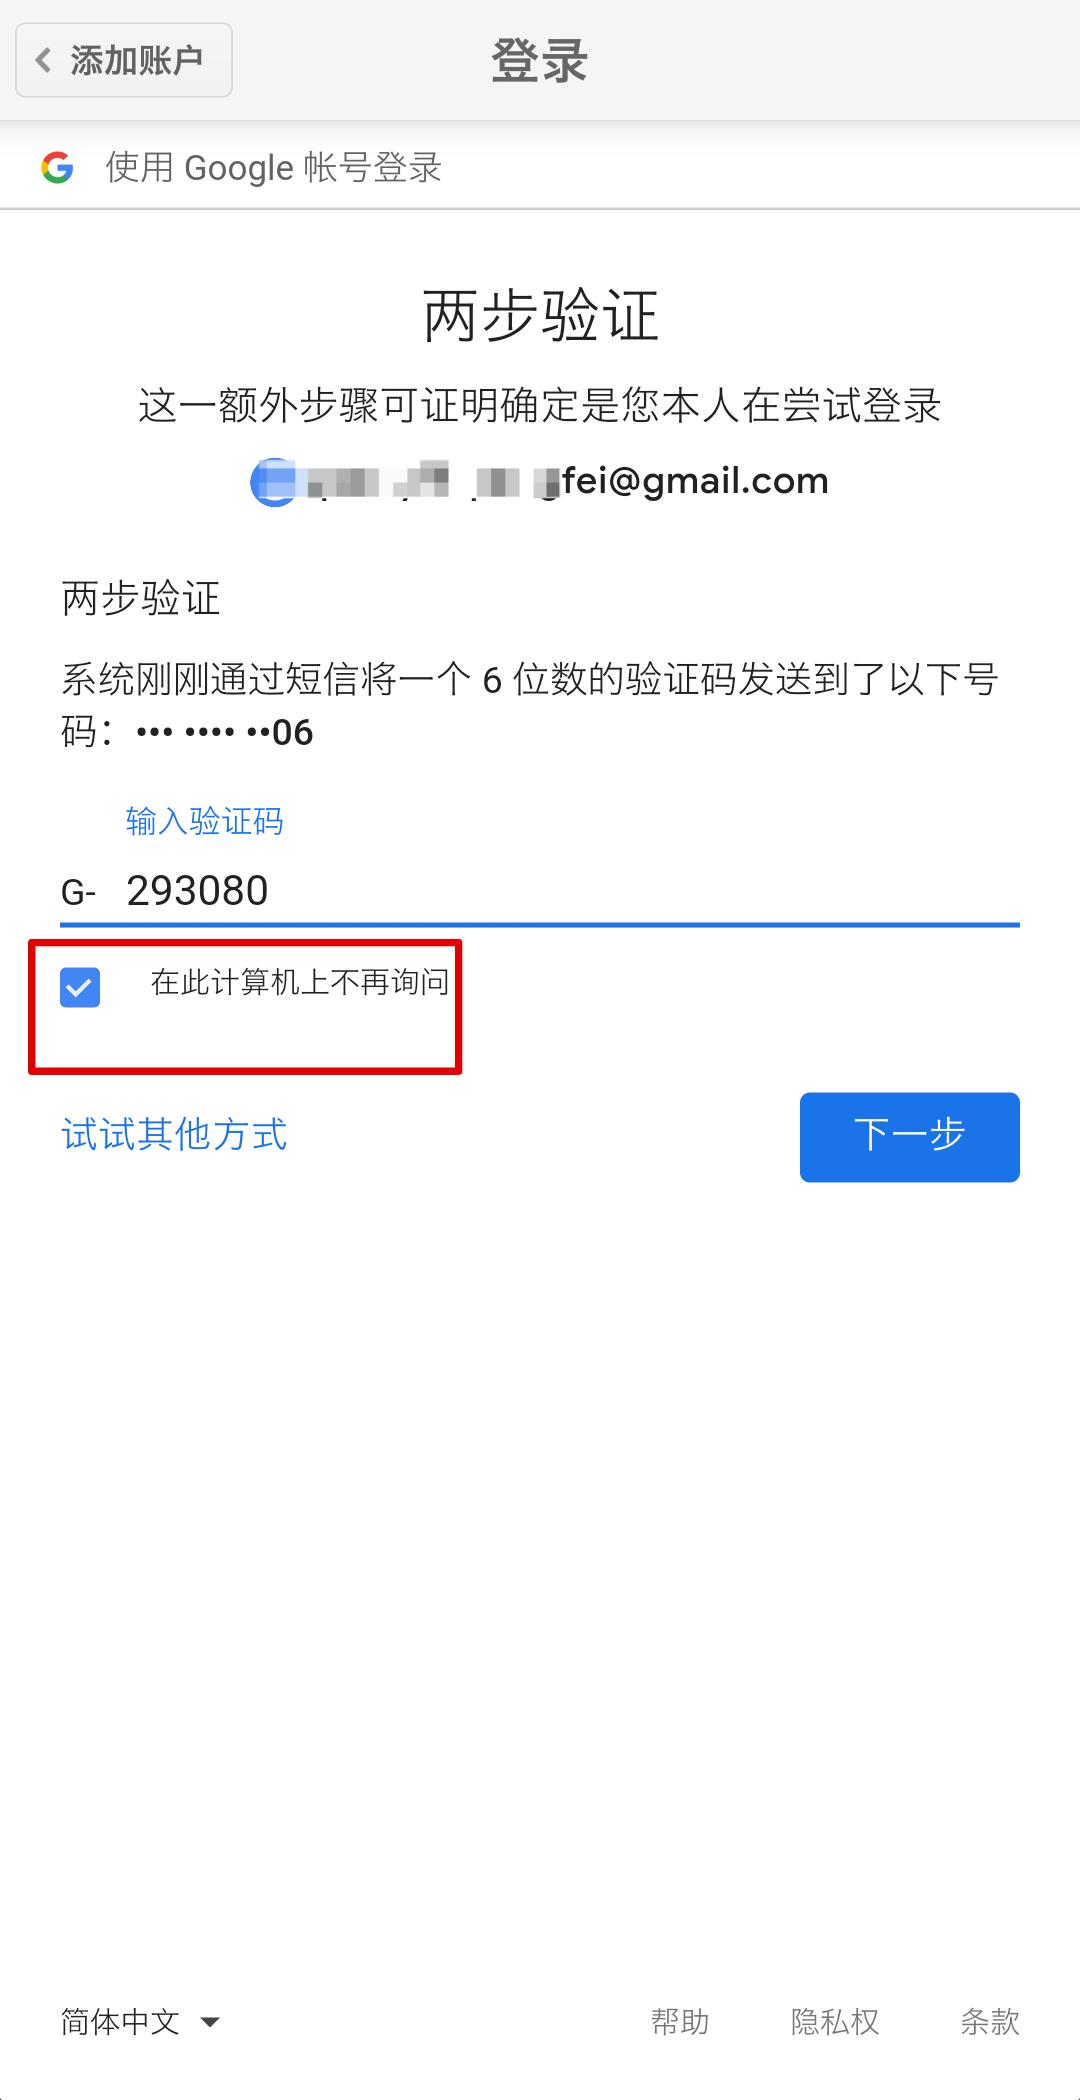 添加 Google 邮箱 3